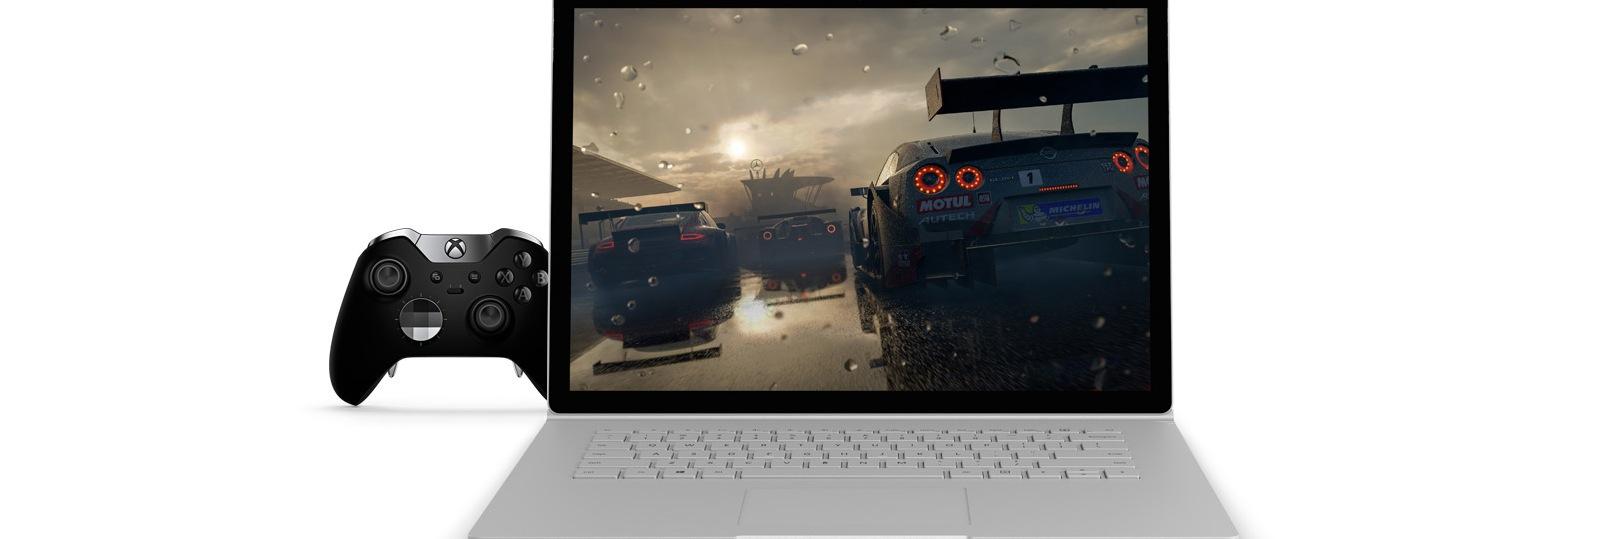 15 インチ Surface Book 2 に Forza Horizon 4 のゲーム アートが表示され、Xbox Elite Controller が横に置かれている